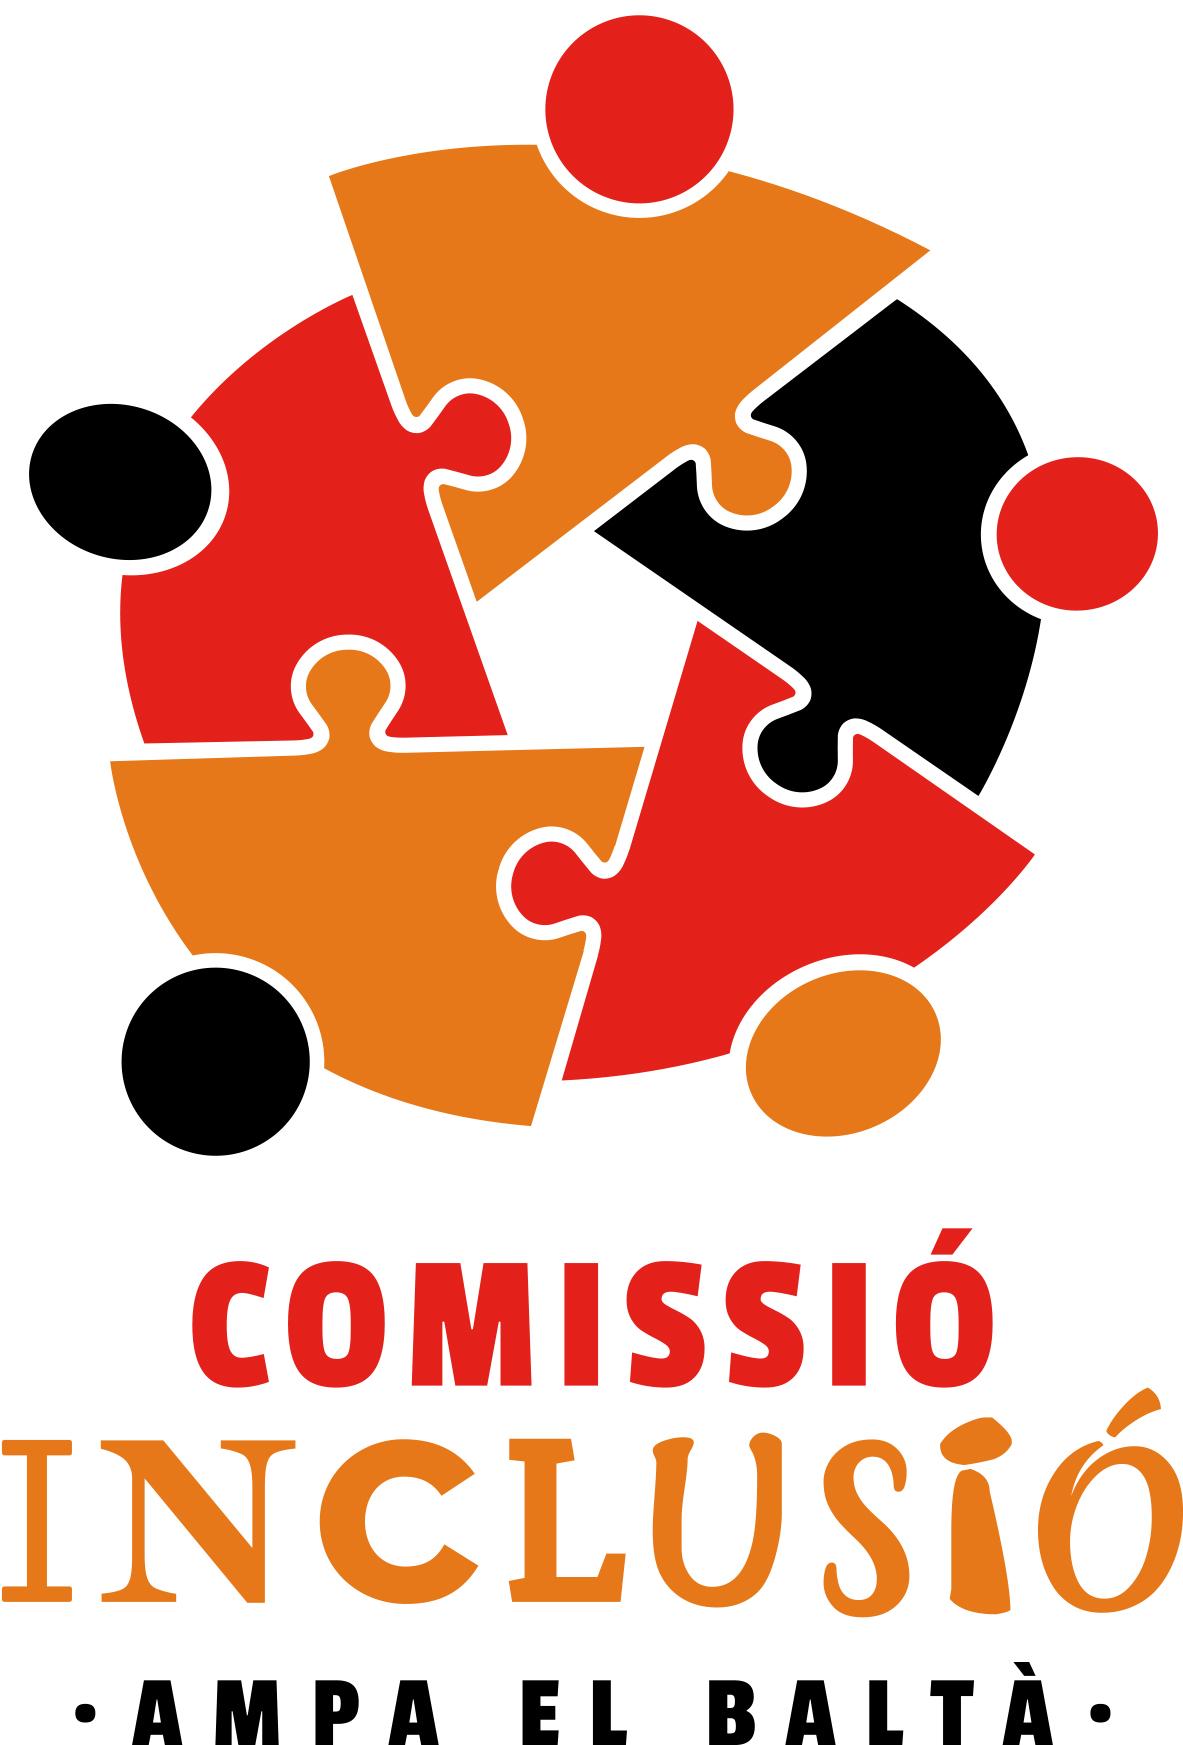 Comissió Inclusió